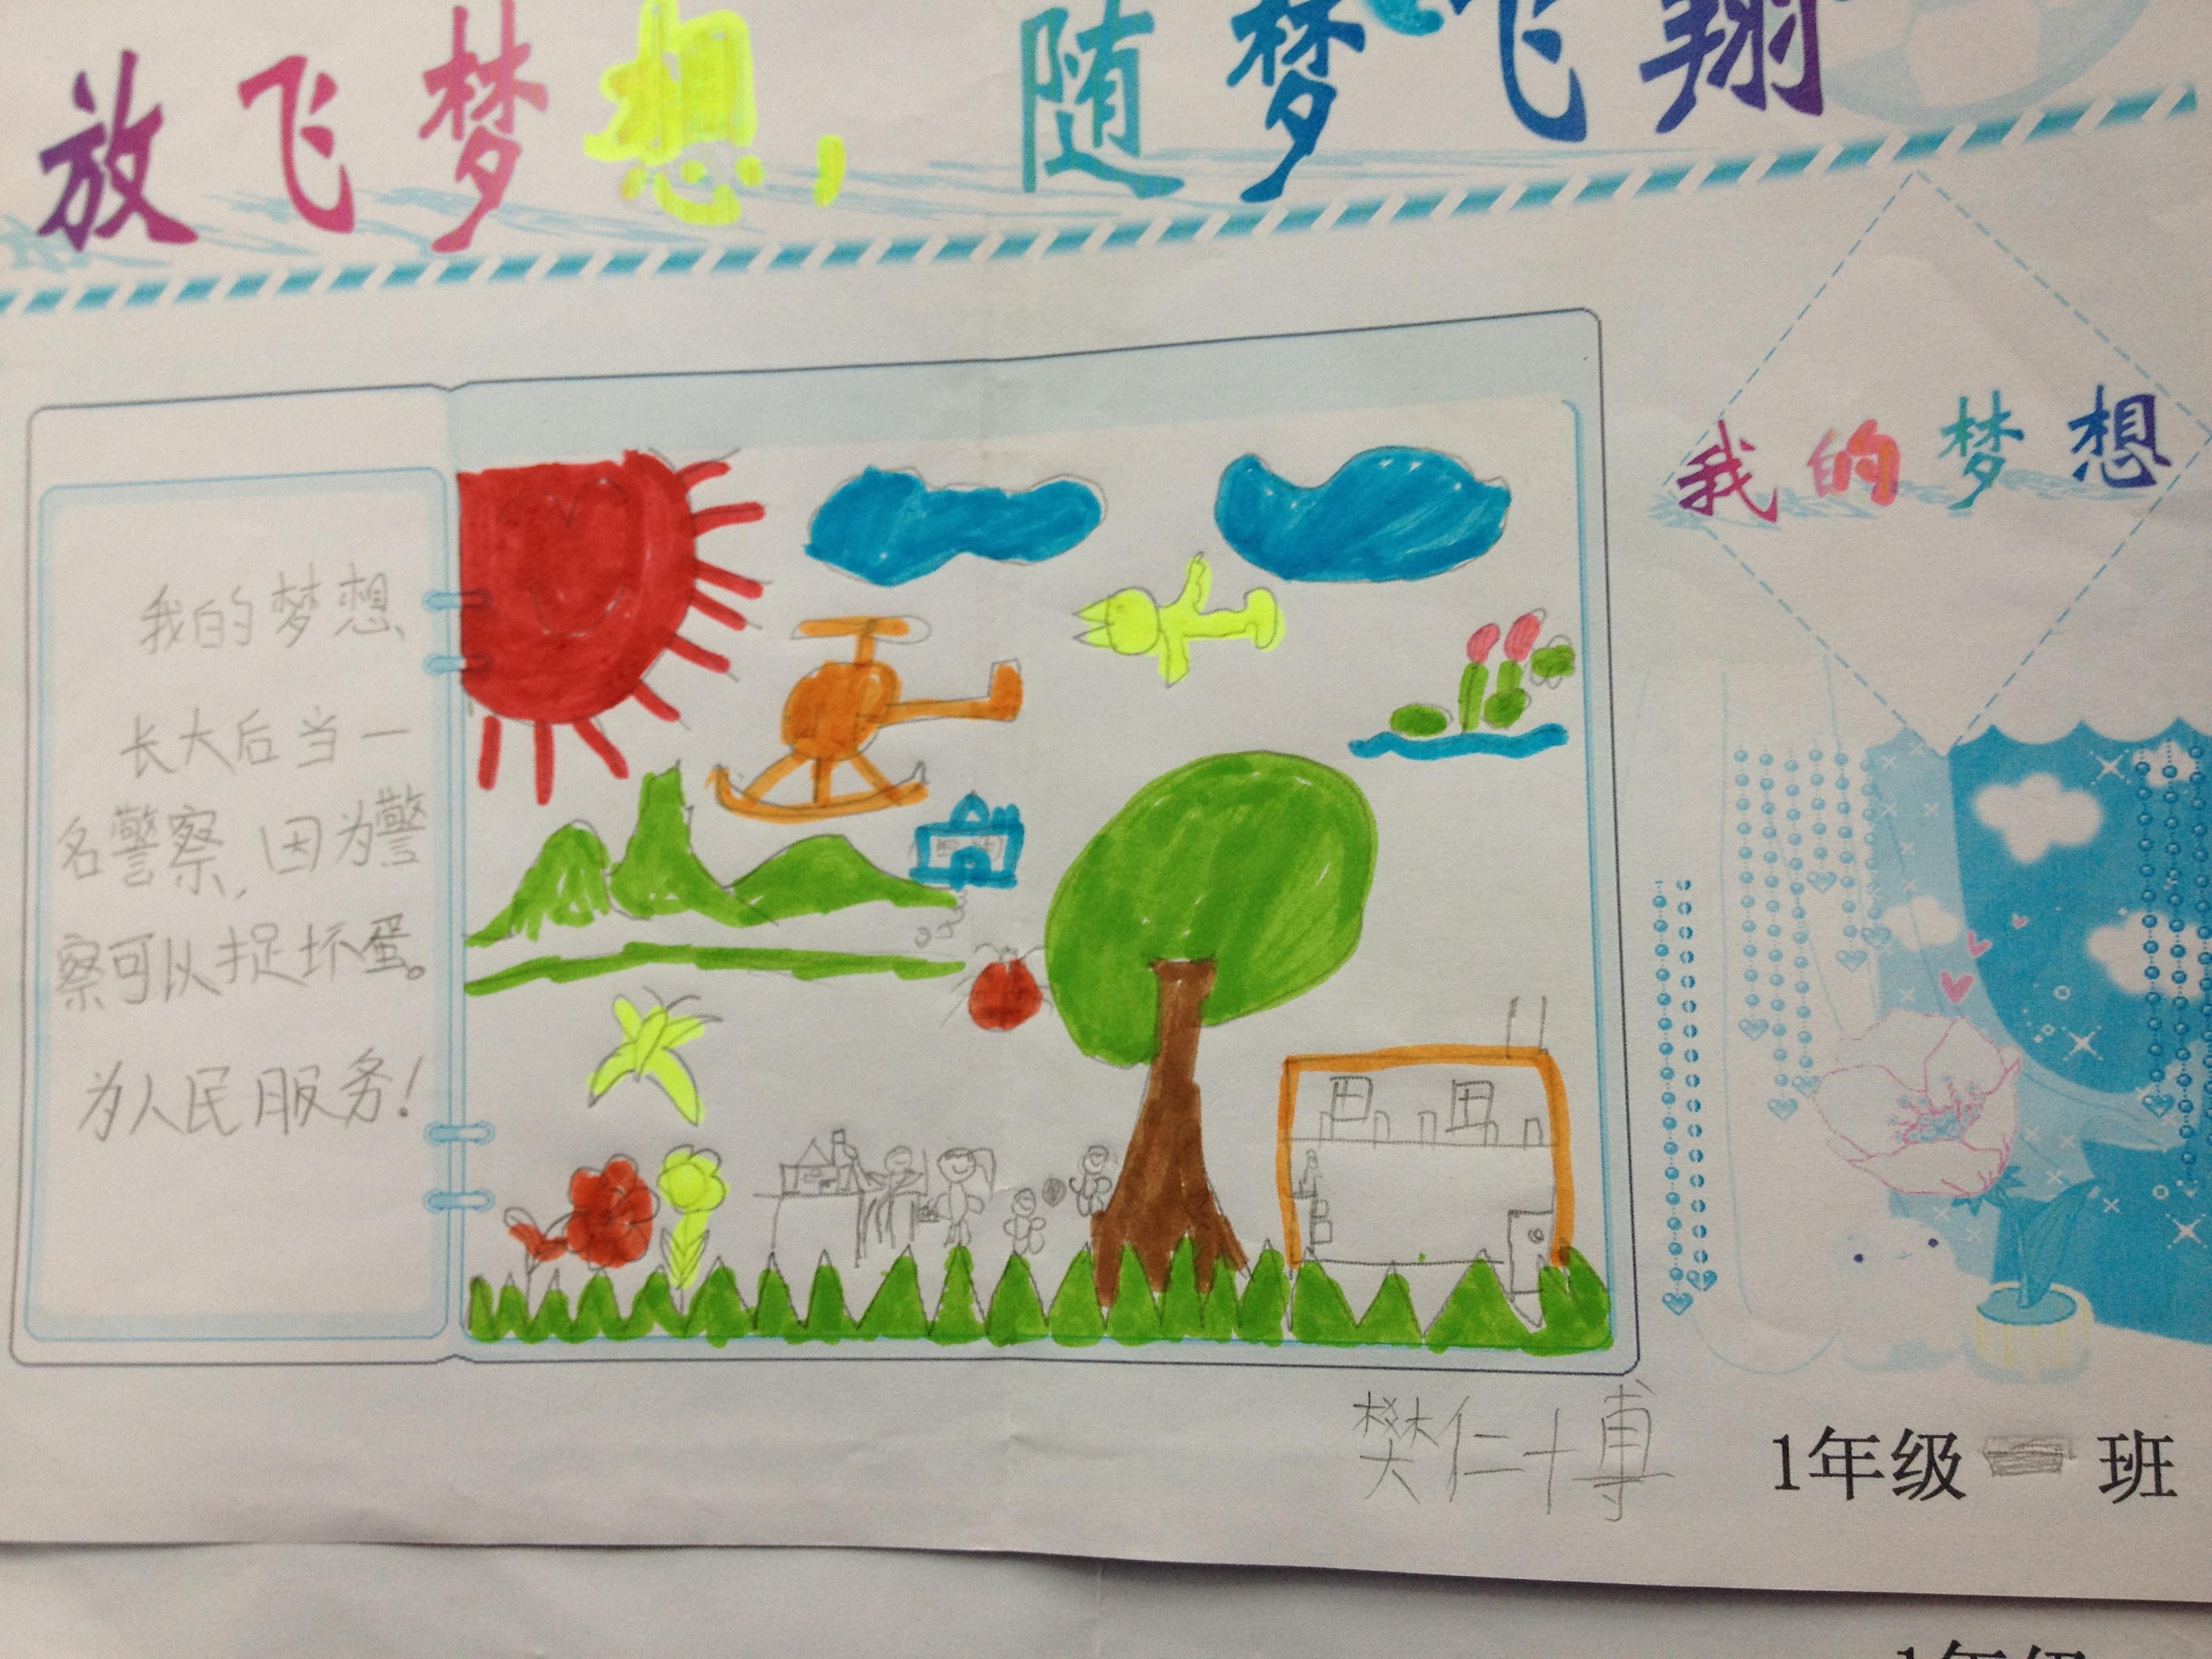 区汉河小学 一年级 一班 放飞梦想手抄报 红